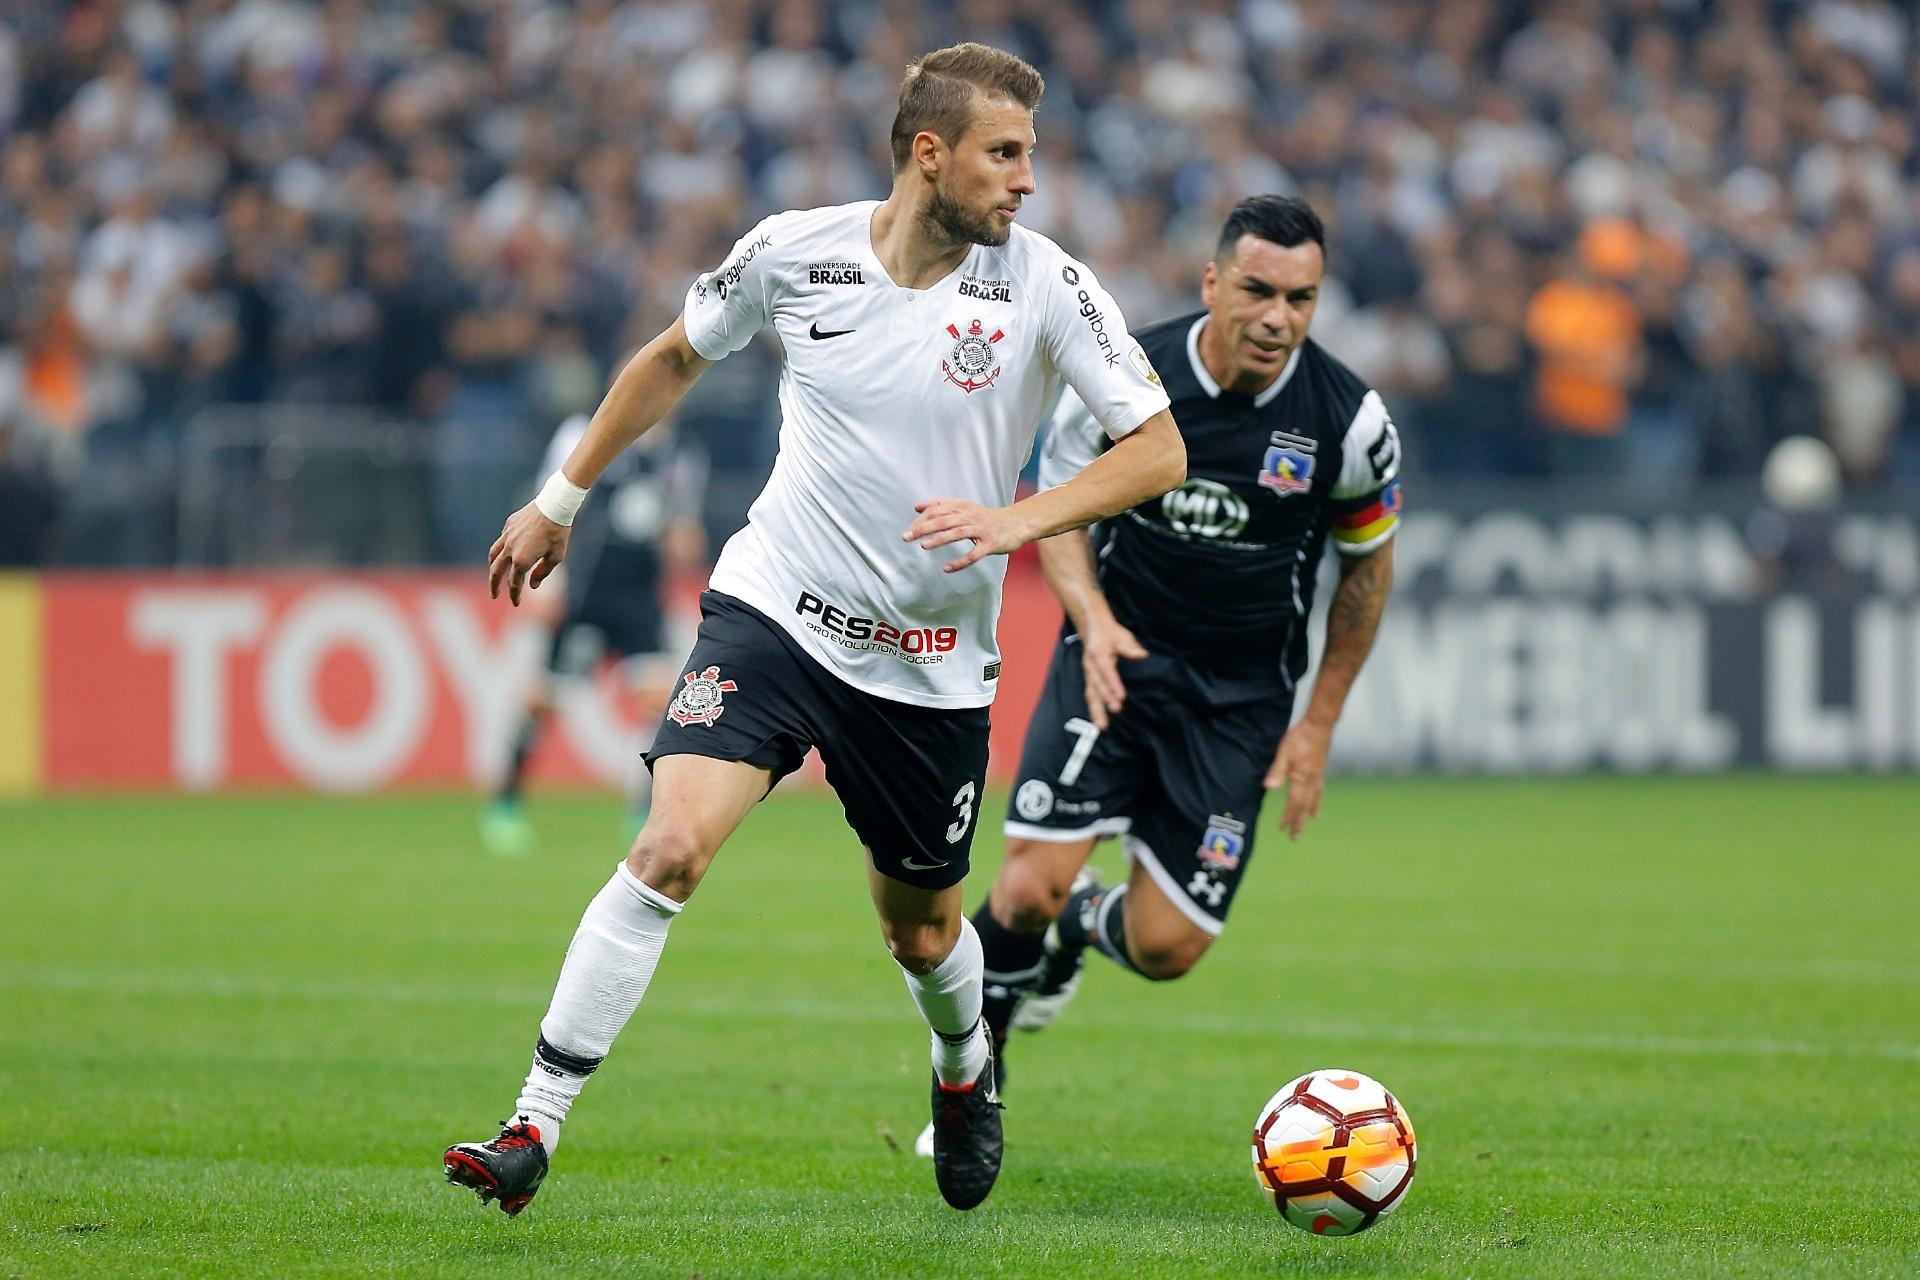 Assista aos gols de Corinthians x Colo-Colo - 30 08 2018 - UOL Esporte d544055e3e9ec